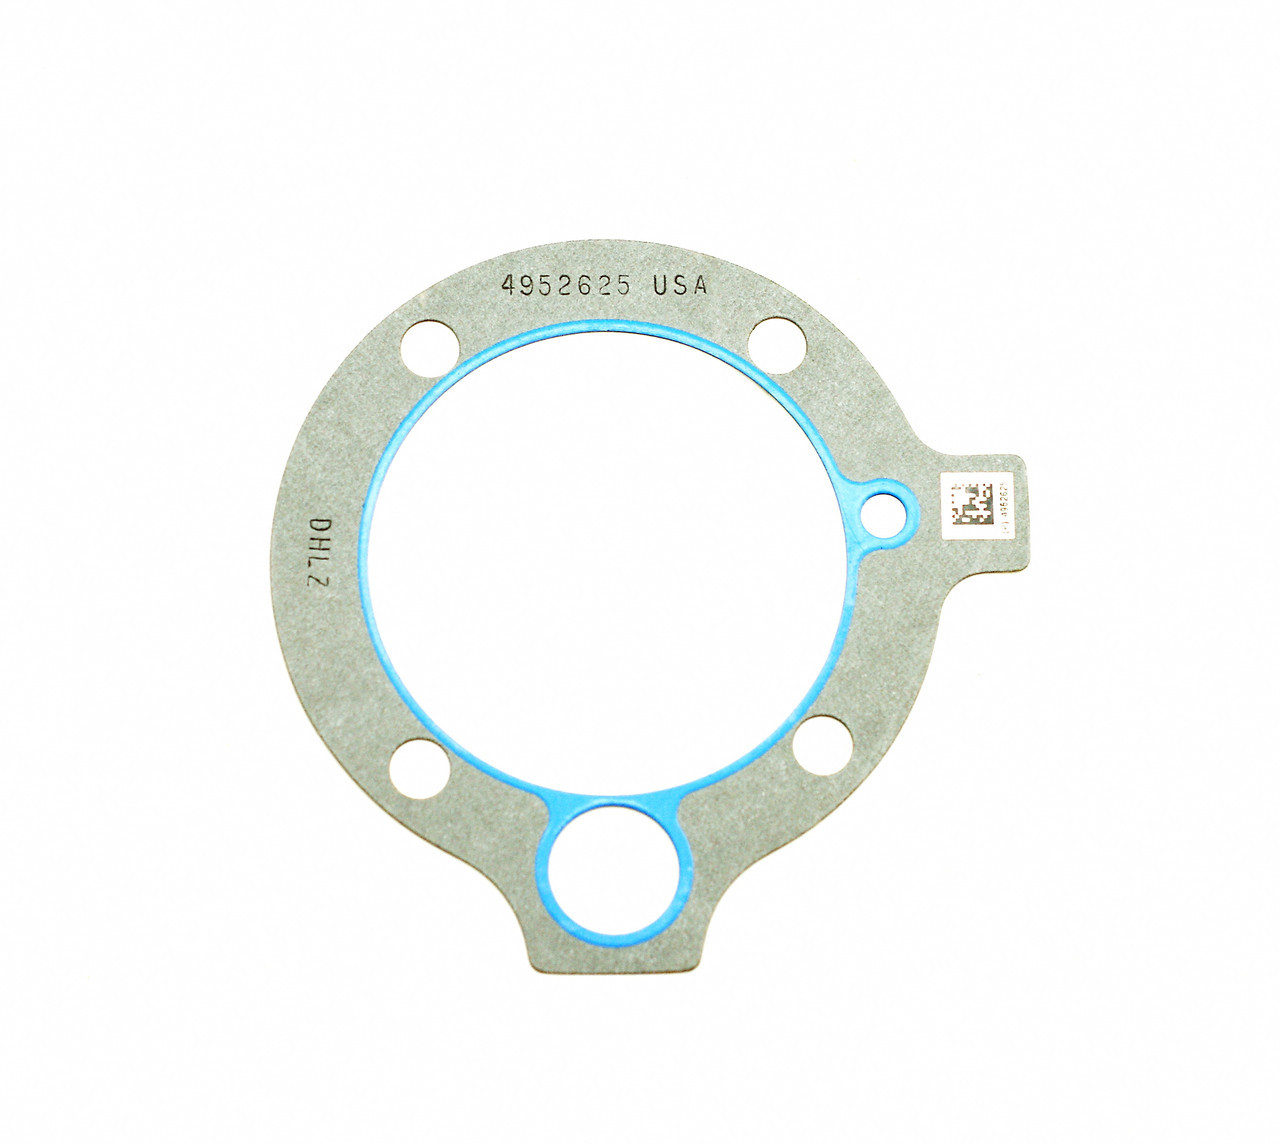 Прокладка воздушного компрессора Cummins M11 4952625, 3820922, 3819770